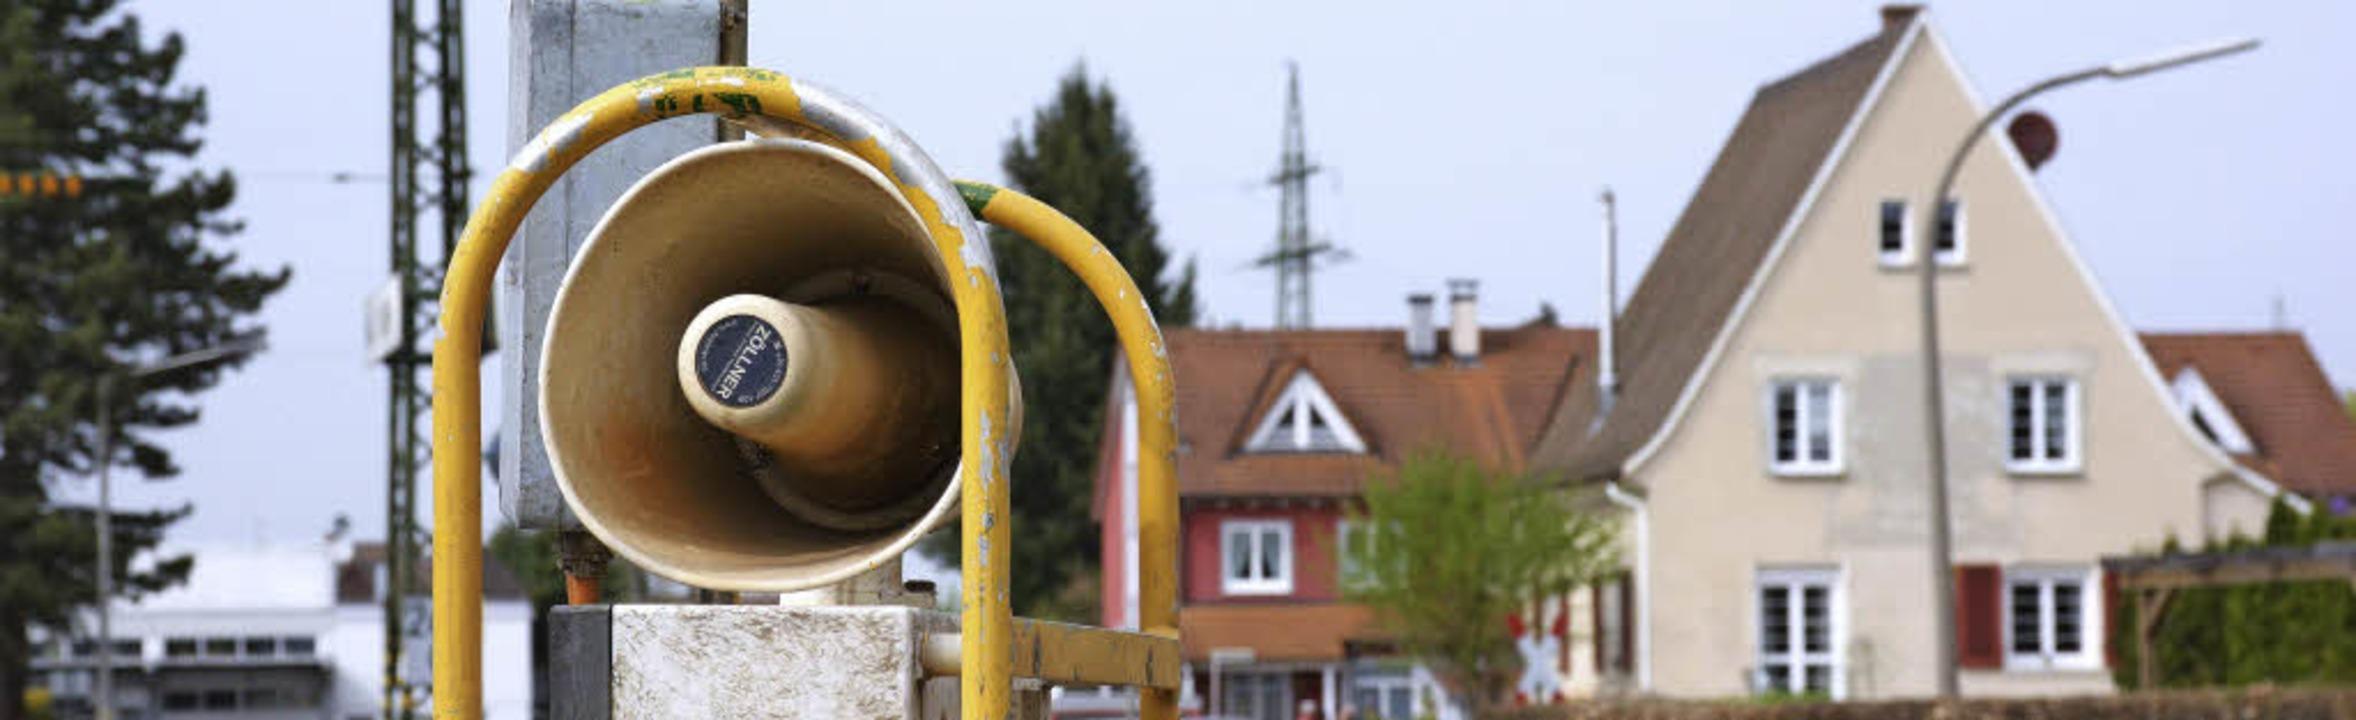 Die Signale der Rottenwarnanlage, die ...nd, stören die Nachtruhe empfindlich.     Foto: Lauber